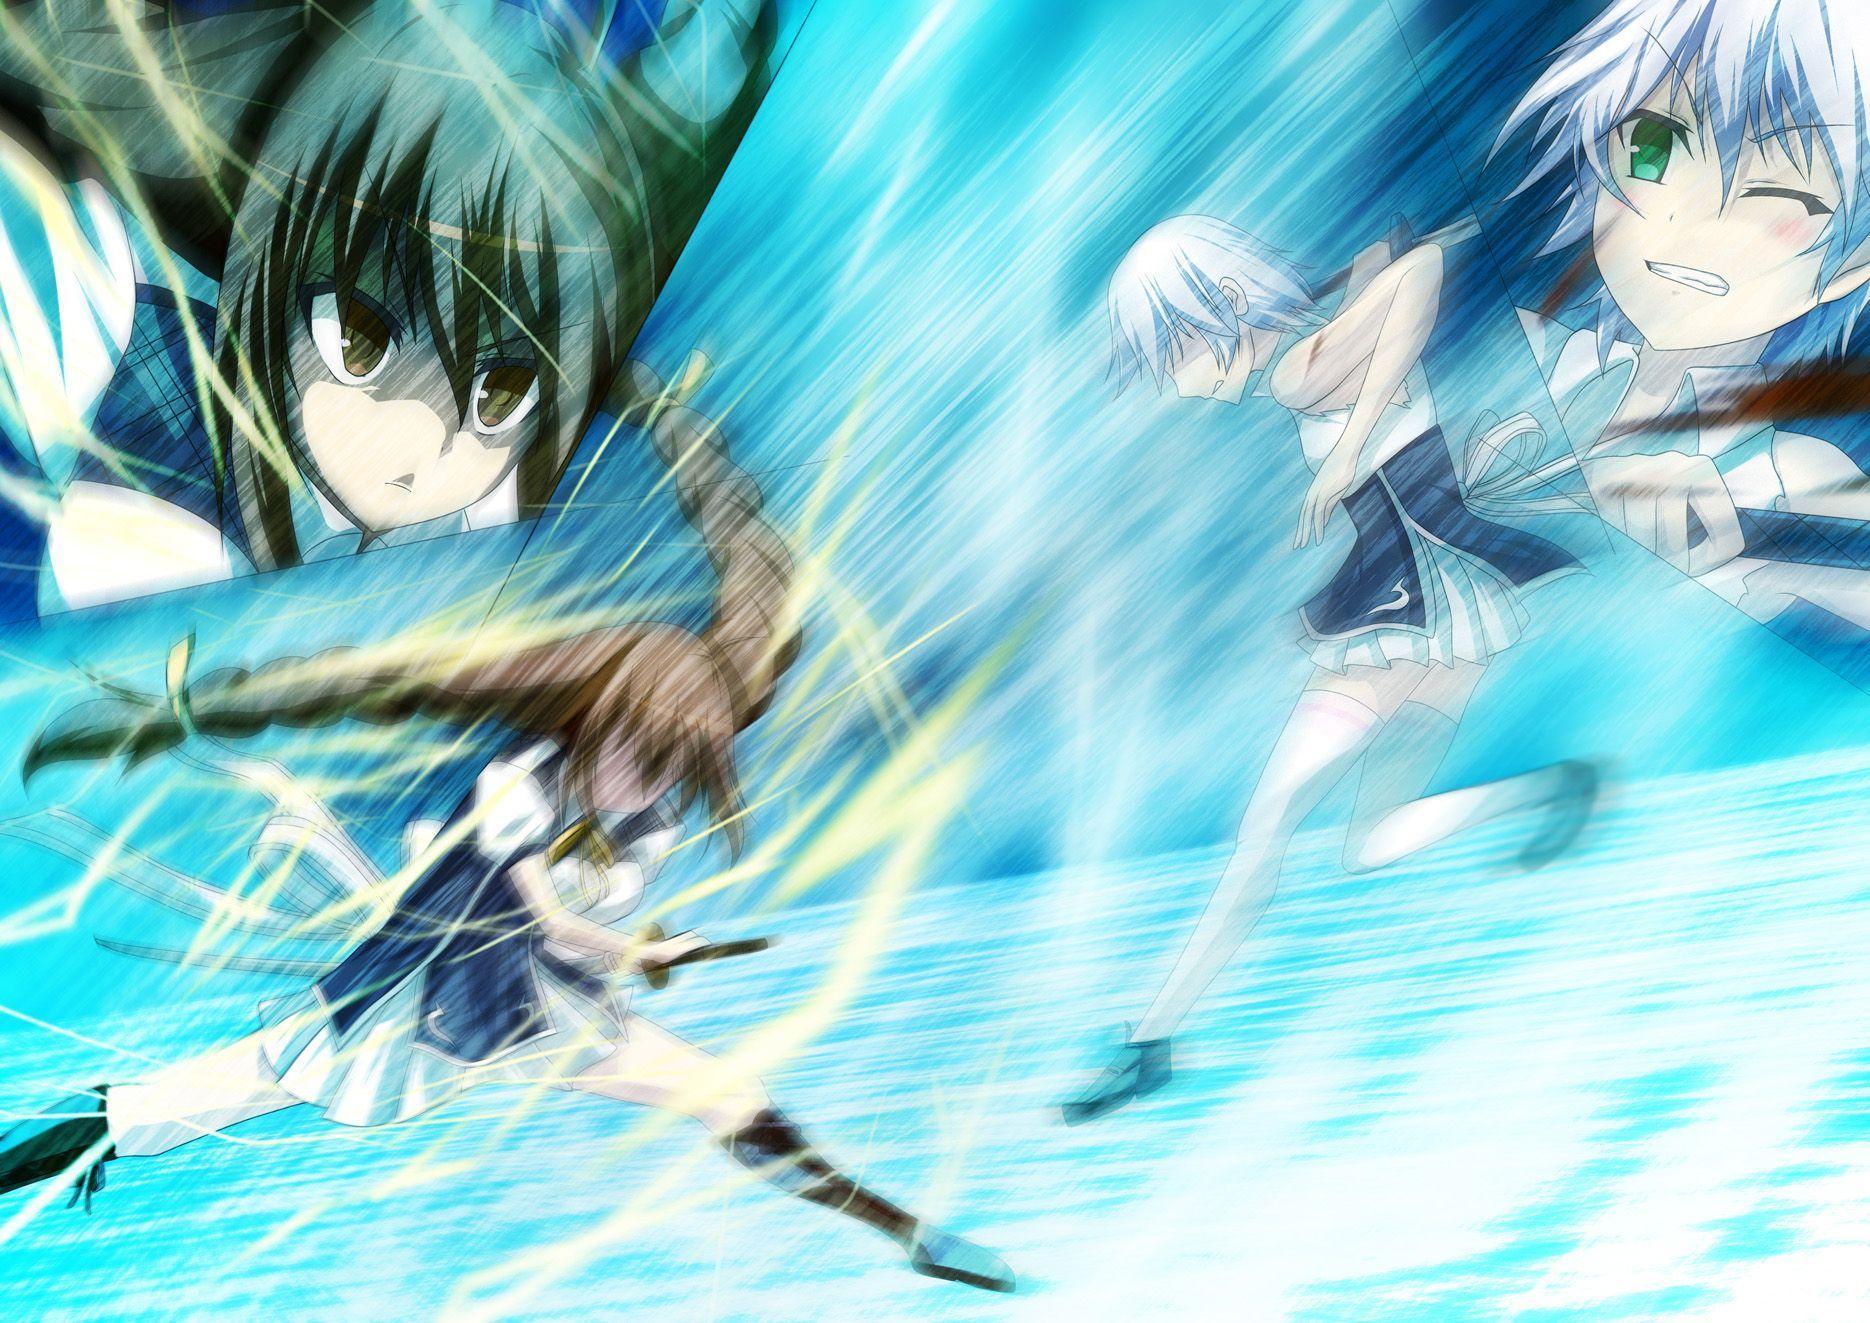 Anime Wallpaper HD: Todo Tohka Rakudai Kishi No Cavalry